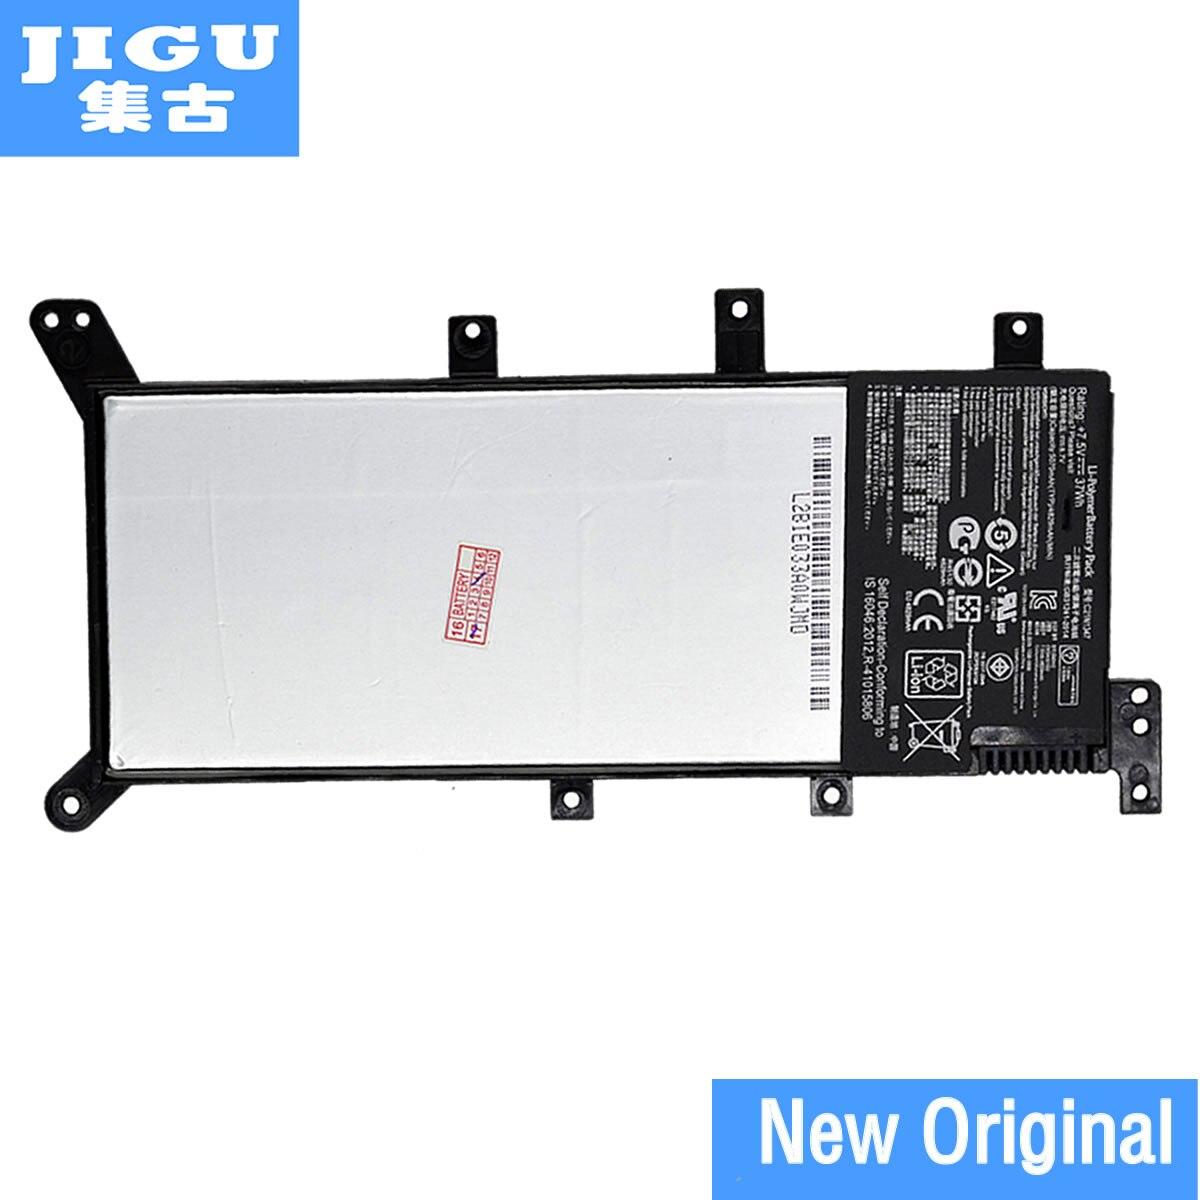 JIGU 2ICP4/63/134 C21N1347 الأصلي بطارية كمبيوتر محمول ل ASUS A555L F555LN X555LN A555LD4210 A555LD5200